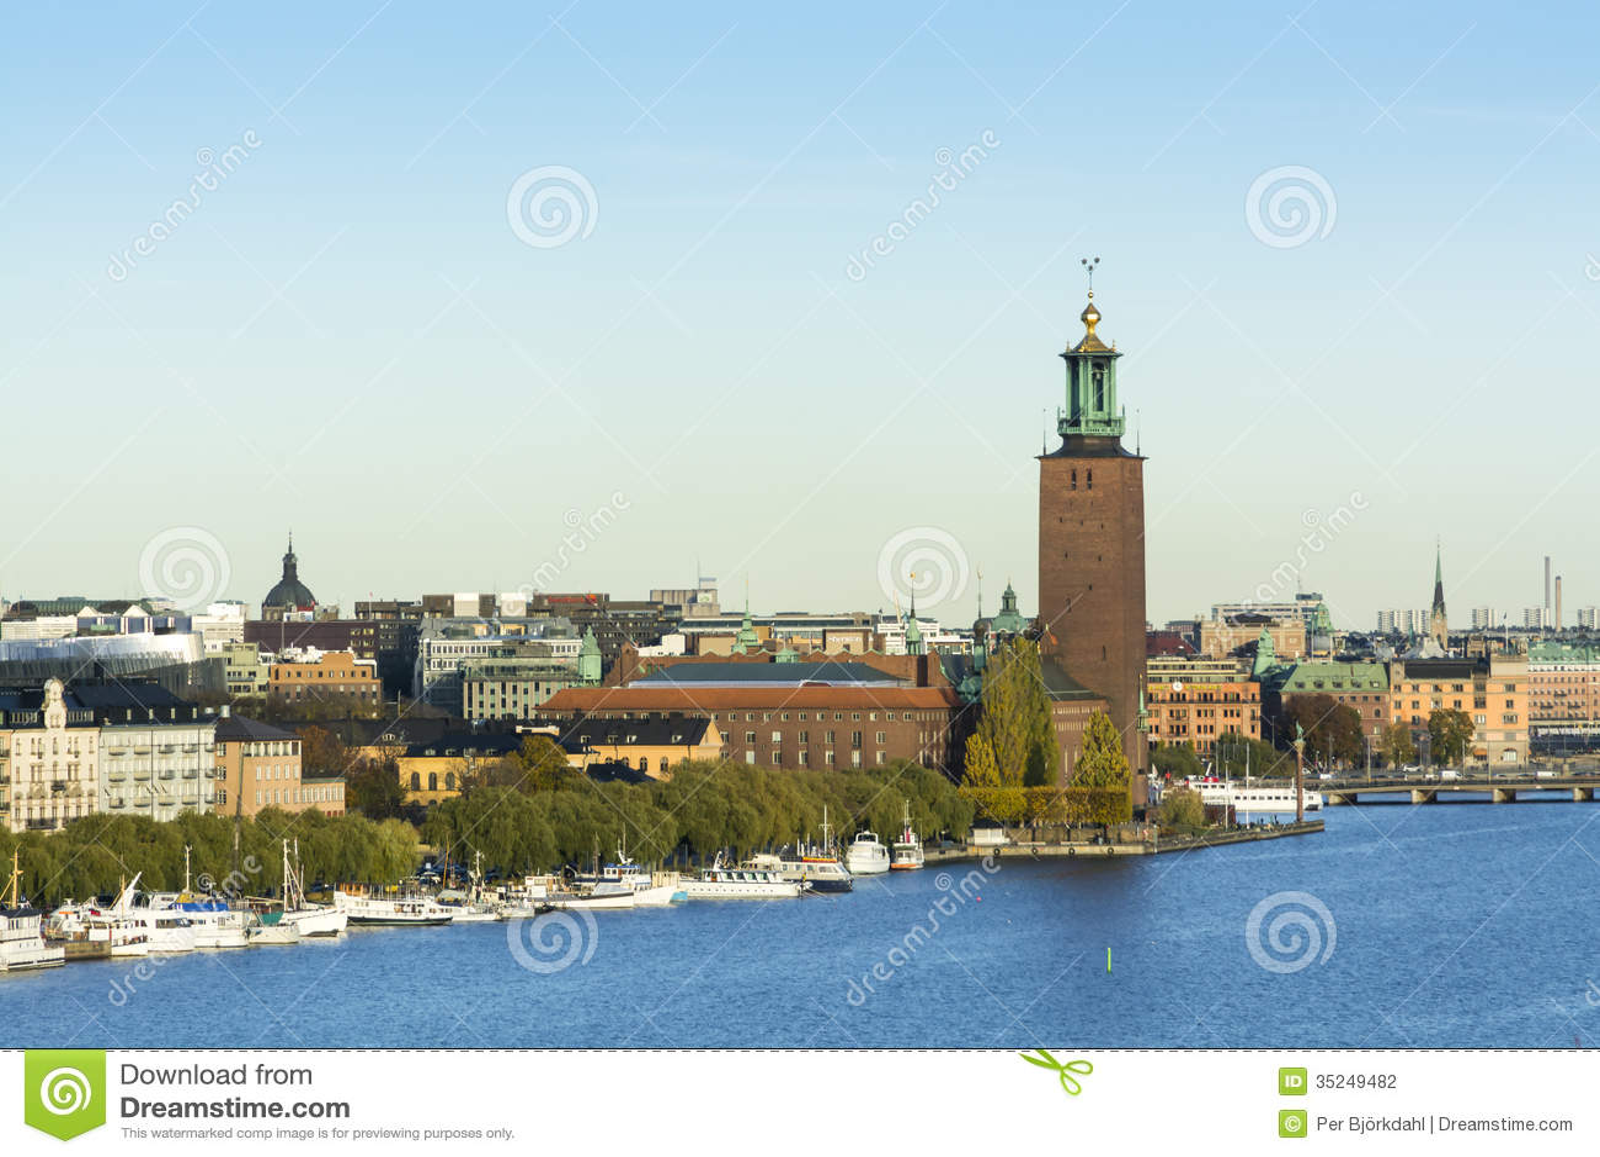 svenska escorter city stockholm